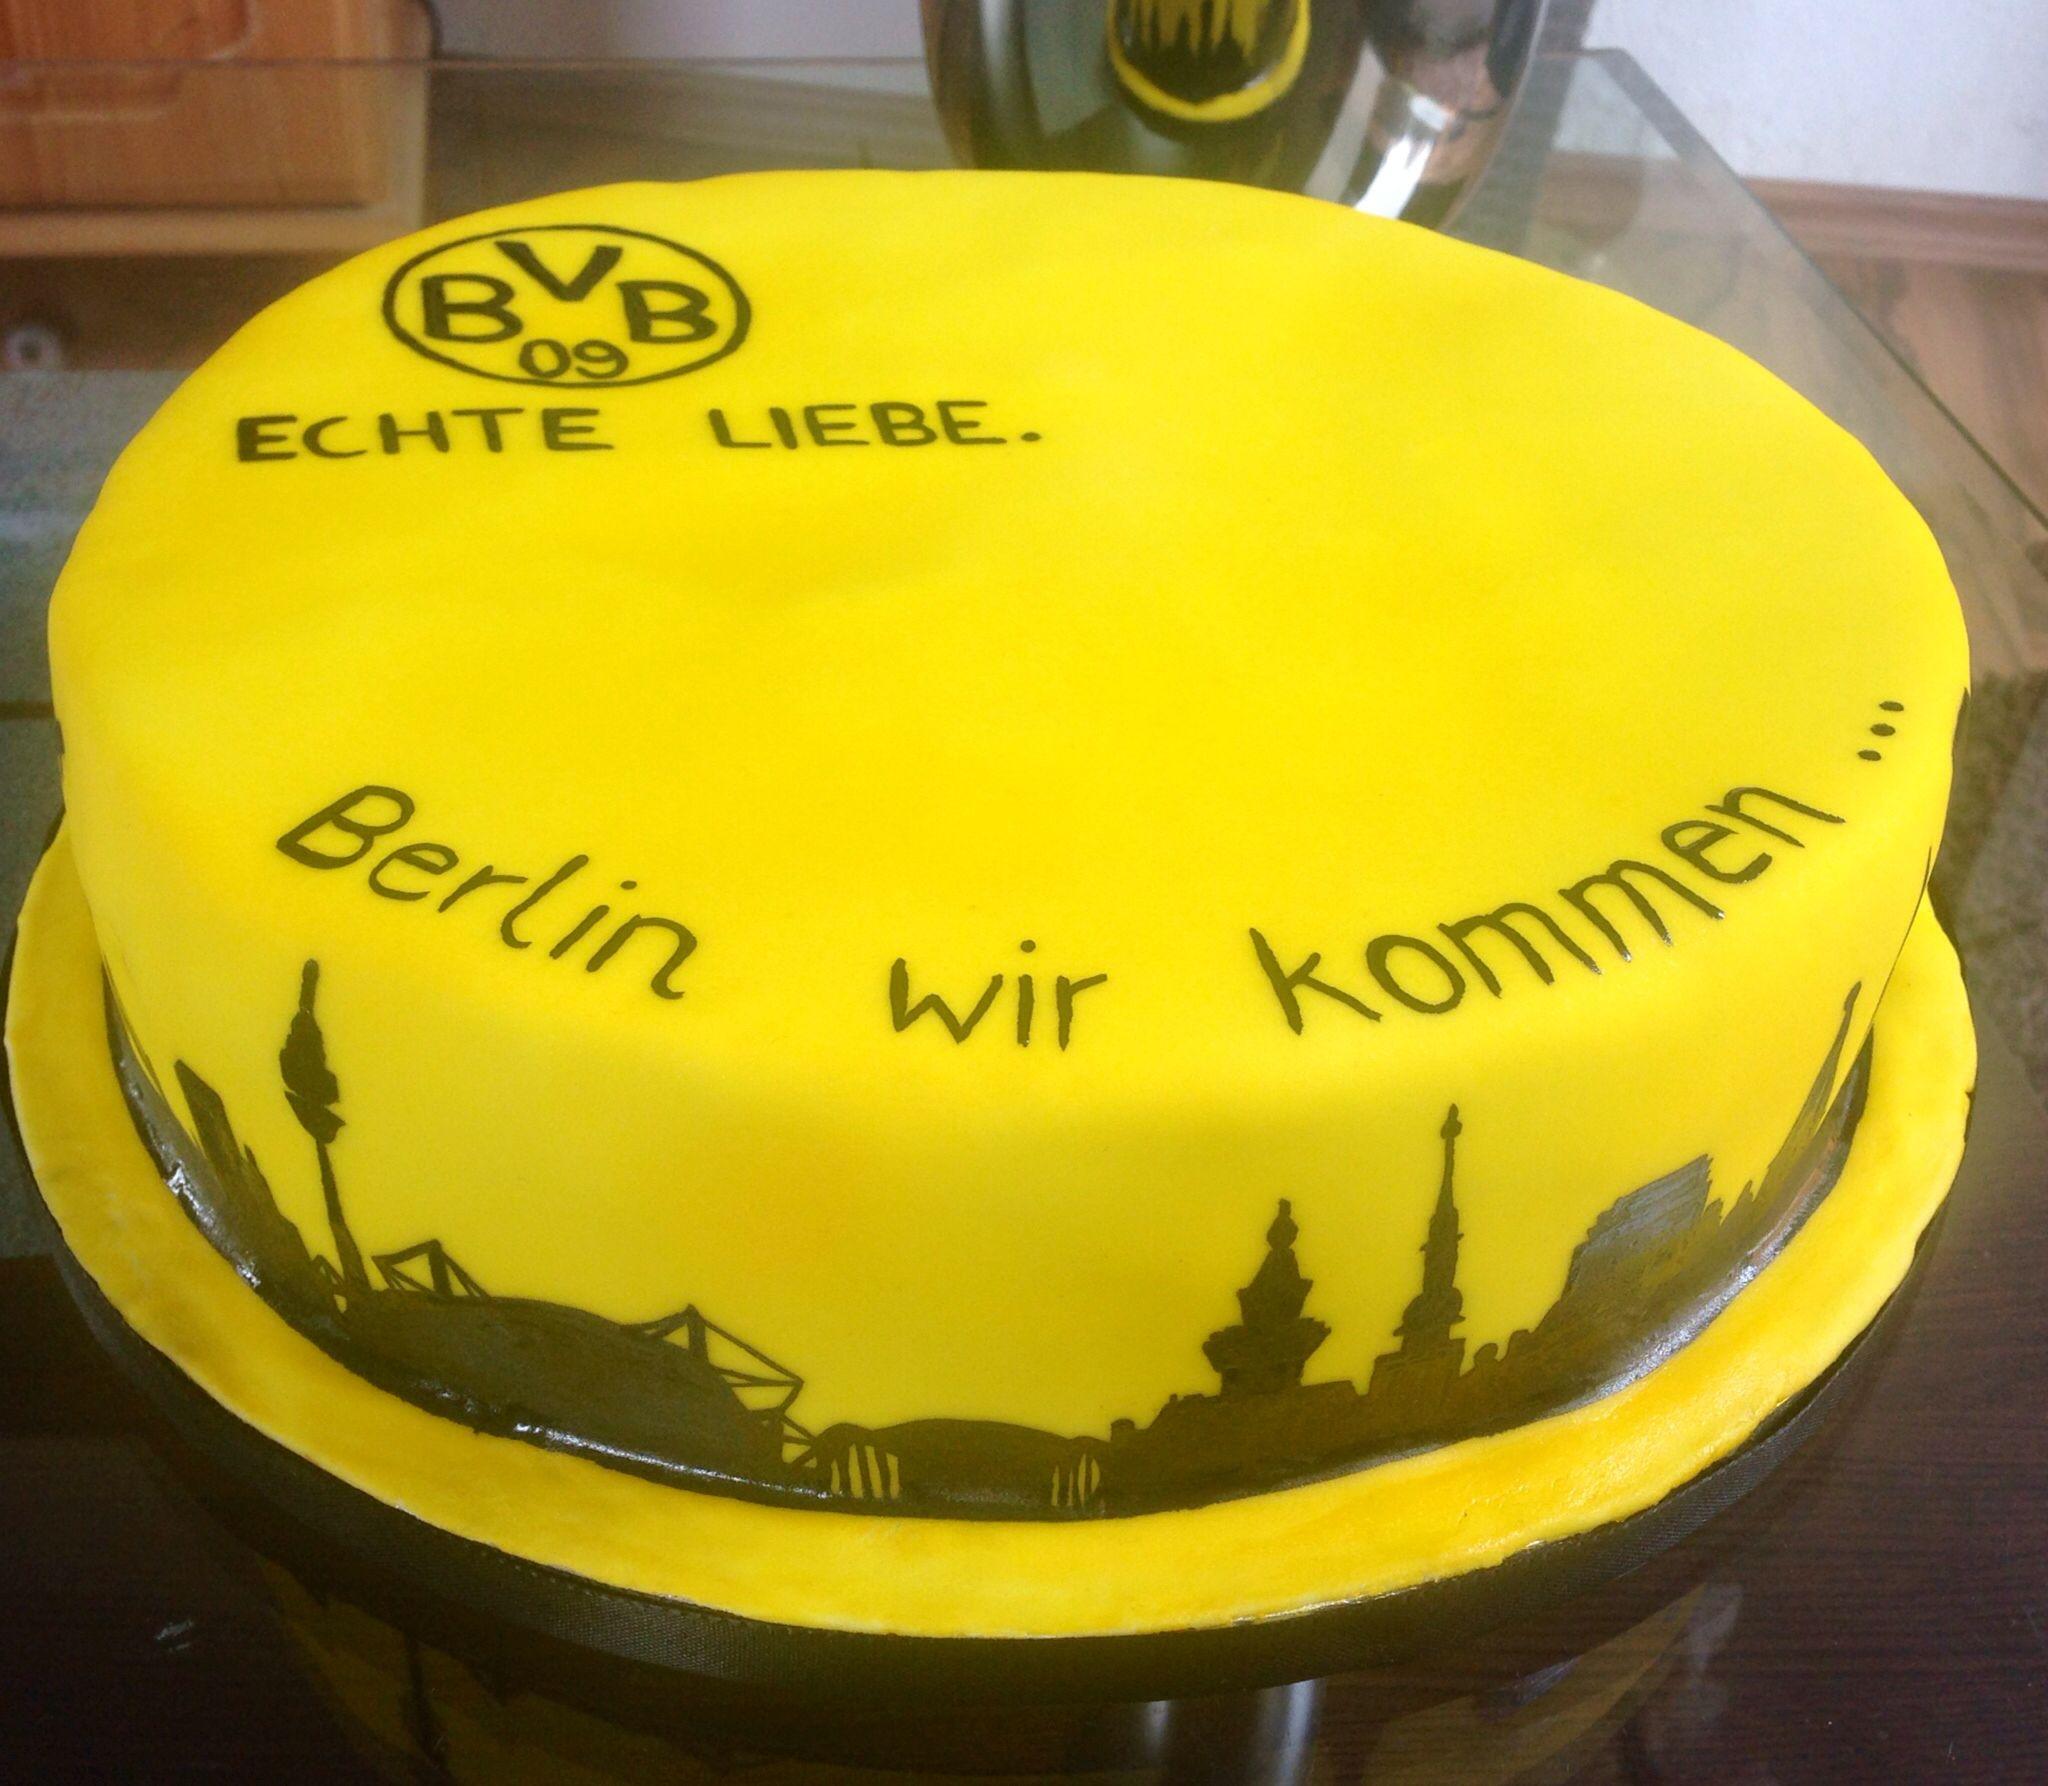 Borussia dortmund bvb fondant cake mire vashti desai for Kuchen dortmund